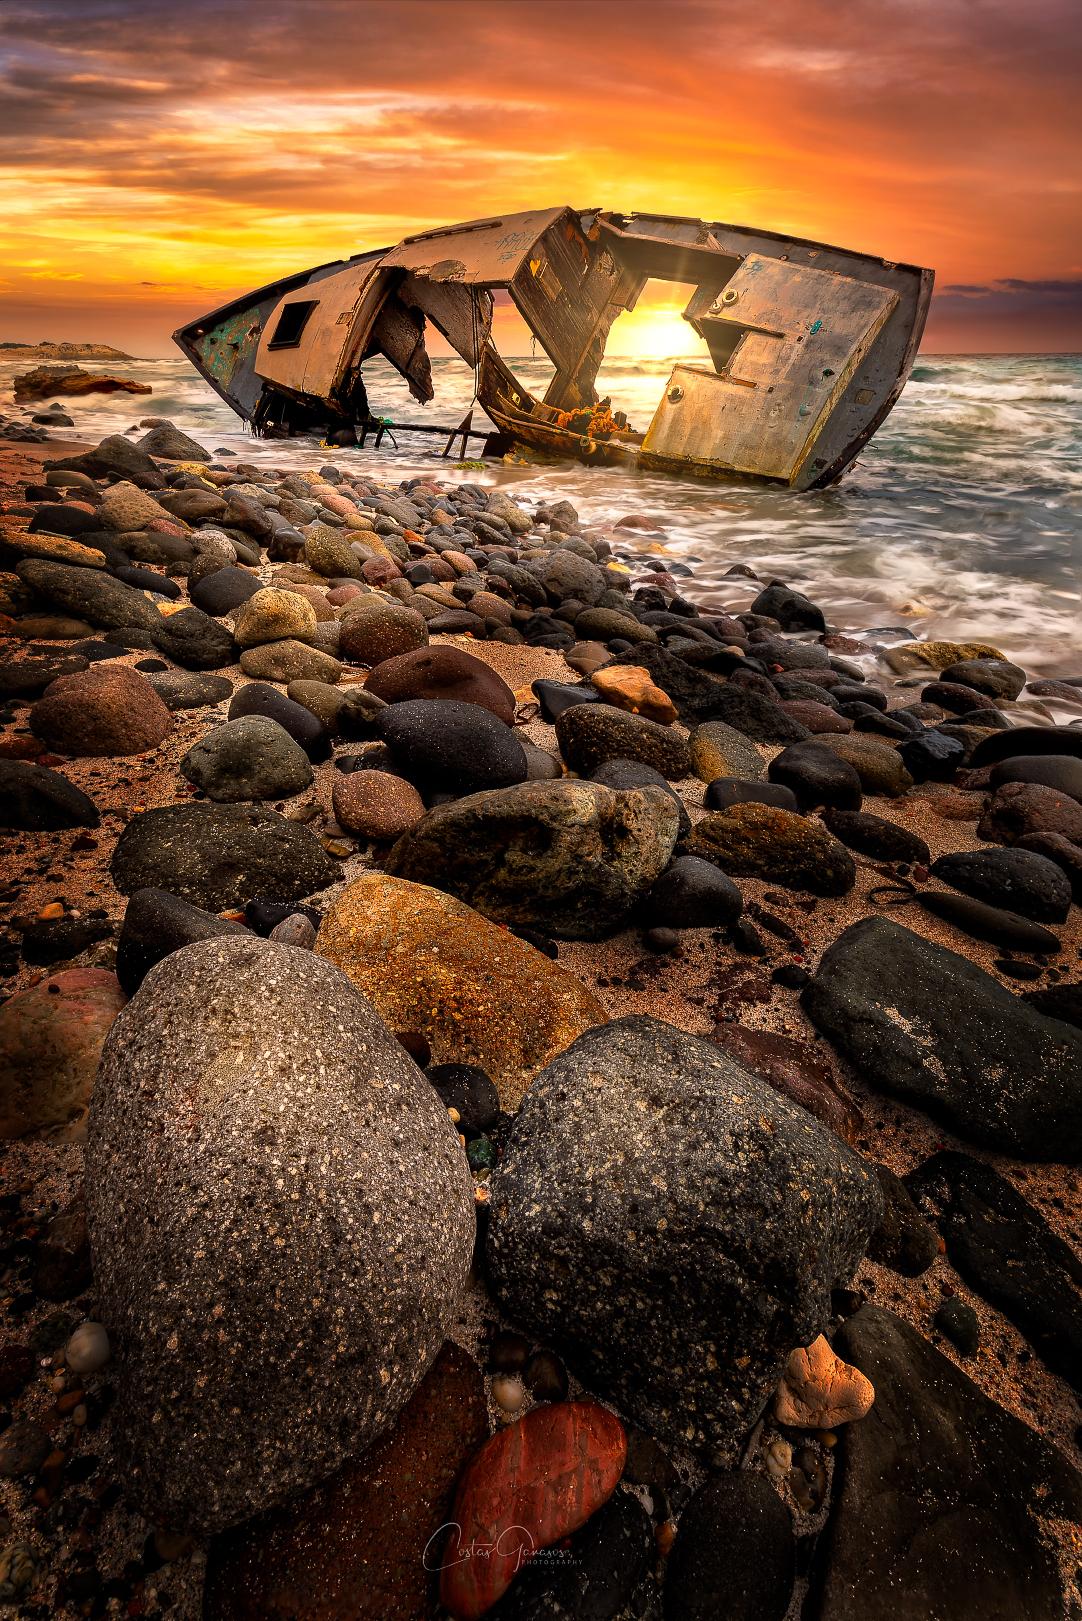 Sunset by the shipwreck - Een mooi zonsondergang in Griekenland by Kos Island - foto door costas_2004 op 15-04-2021 - locatie: Kos 853 00, Griekenland - deze foto bevat: landschap, kos, griekenland, strand, sunset, scheepwrak, stenen, rotsen, zee, boot, lucht, water, wolk, licht, natuurlijk landschap, hout, kust- en oceanische landvormen, landschap, horizon, bodem